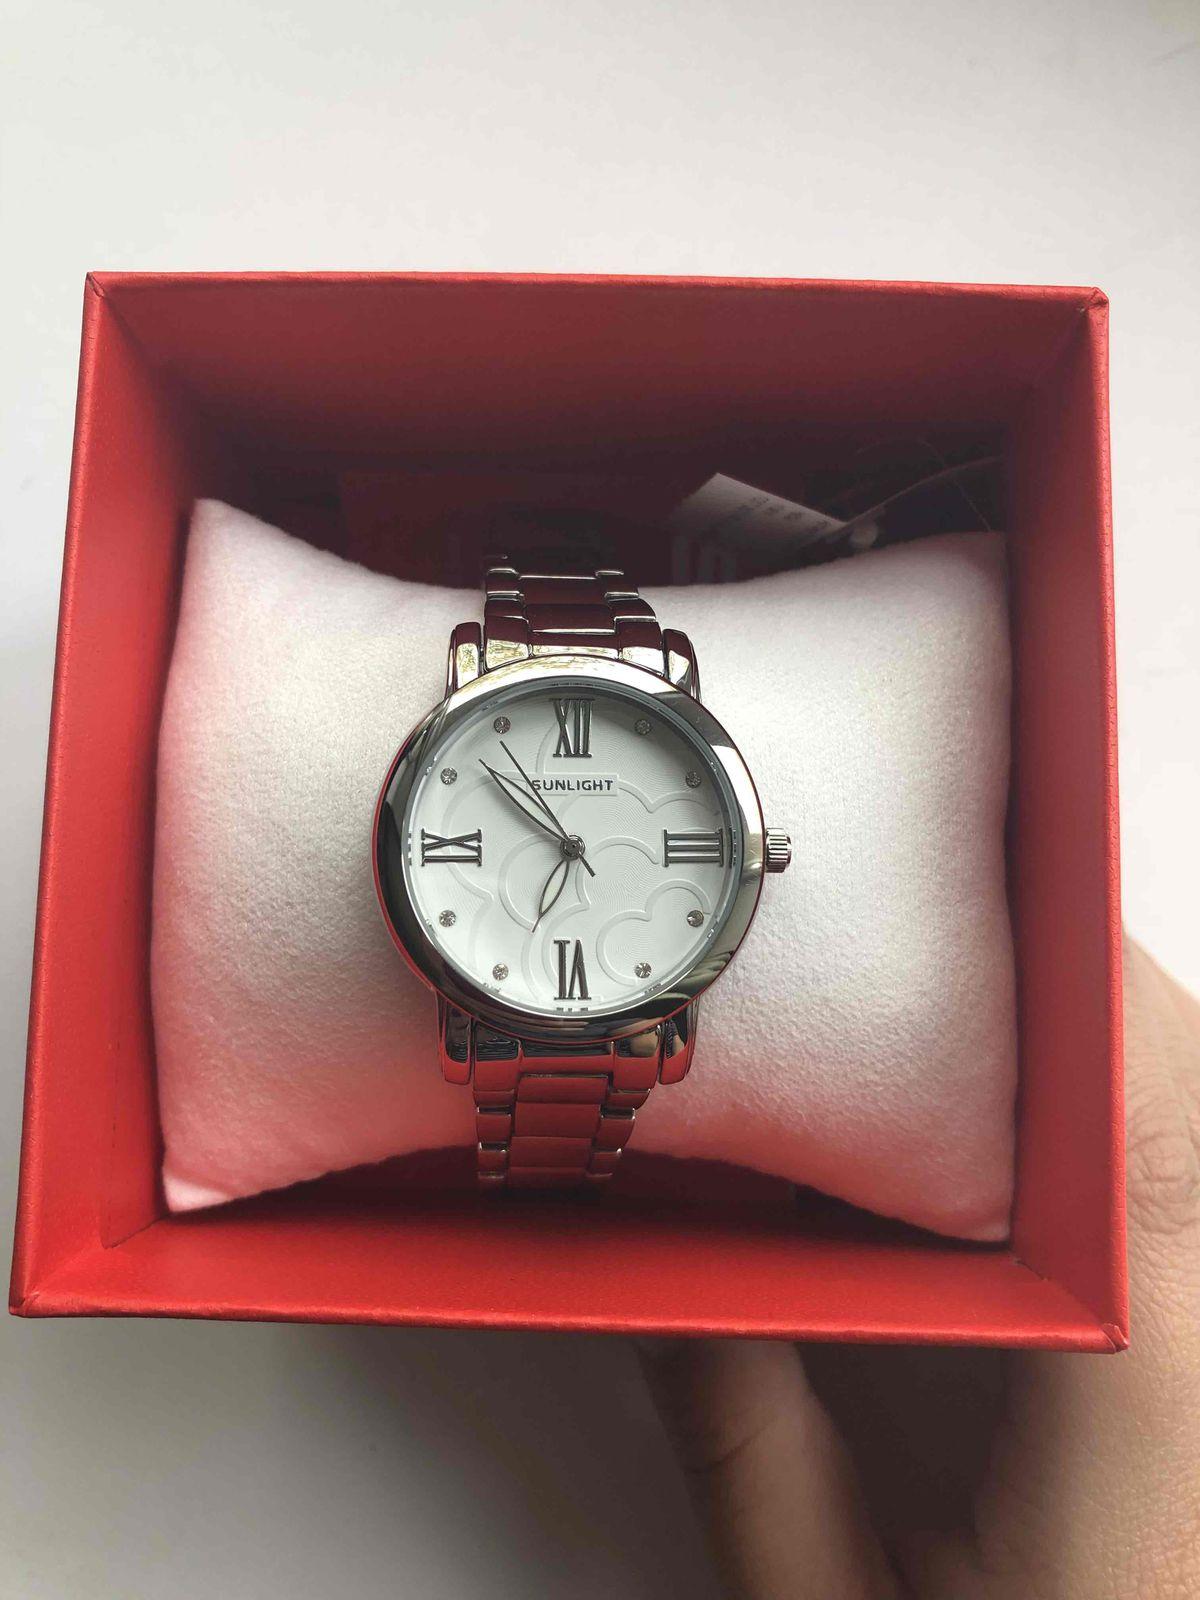 Очень красивые, стильные и женственные часы!